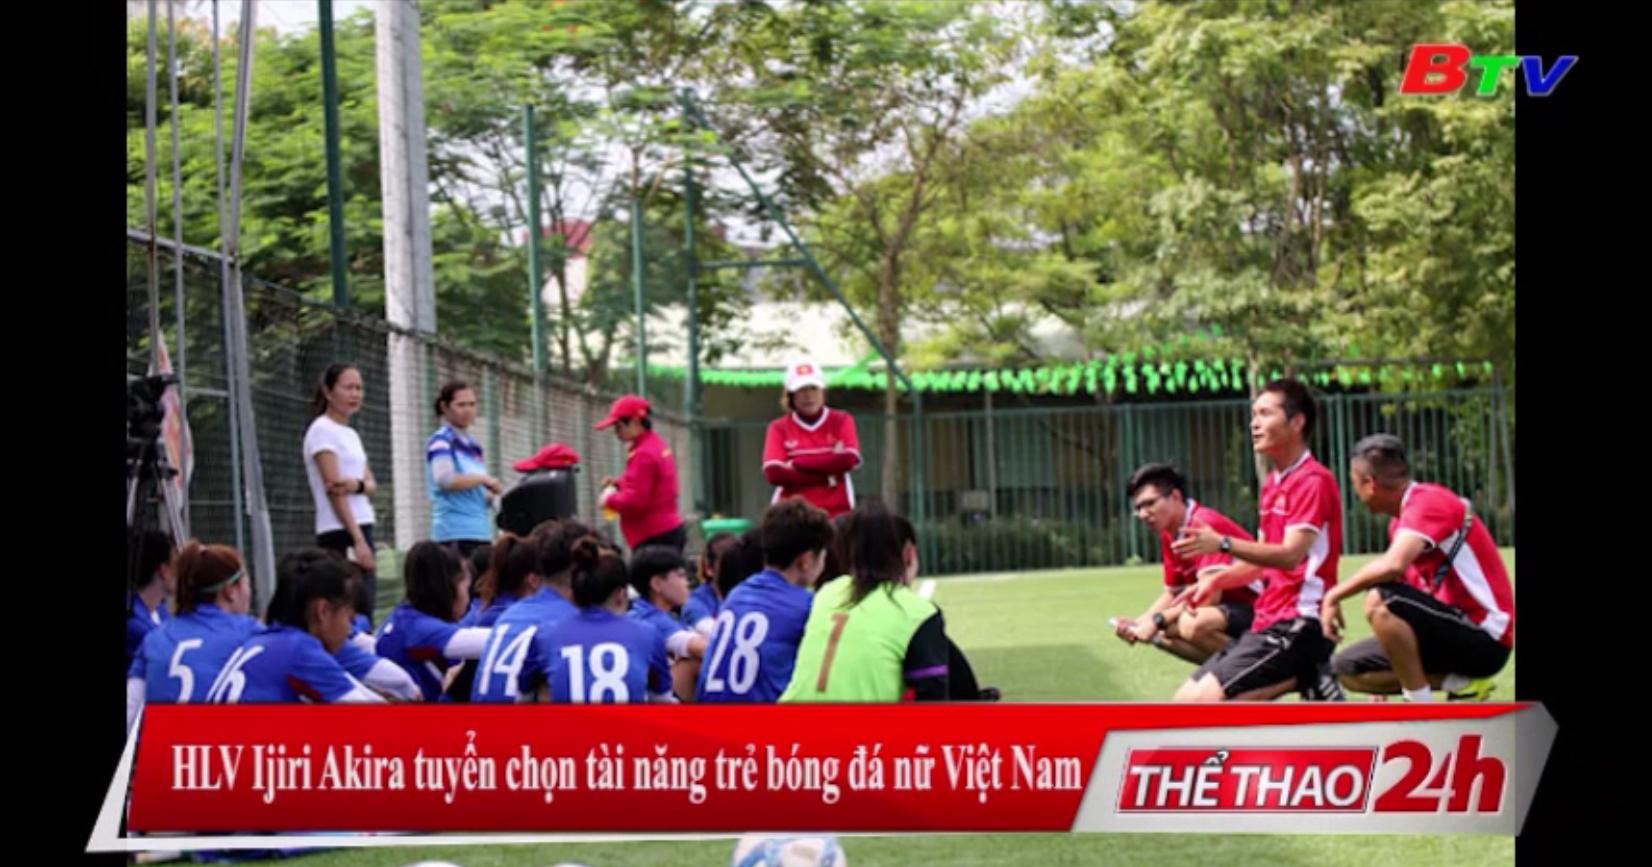 HLV Ijiri Akira tuyển chọn tài năng trẻ bóng đá nữ Việt Nam